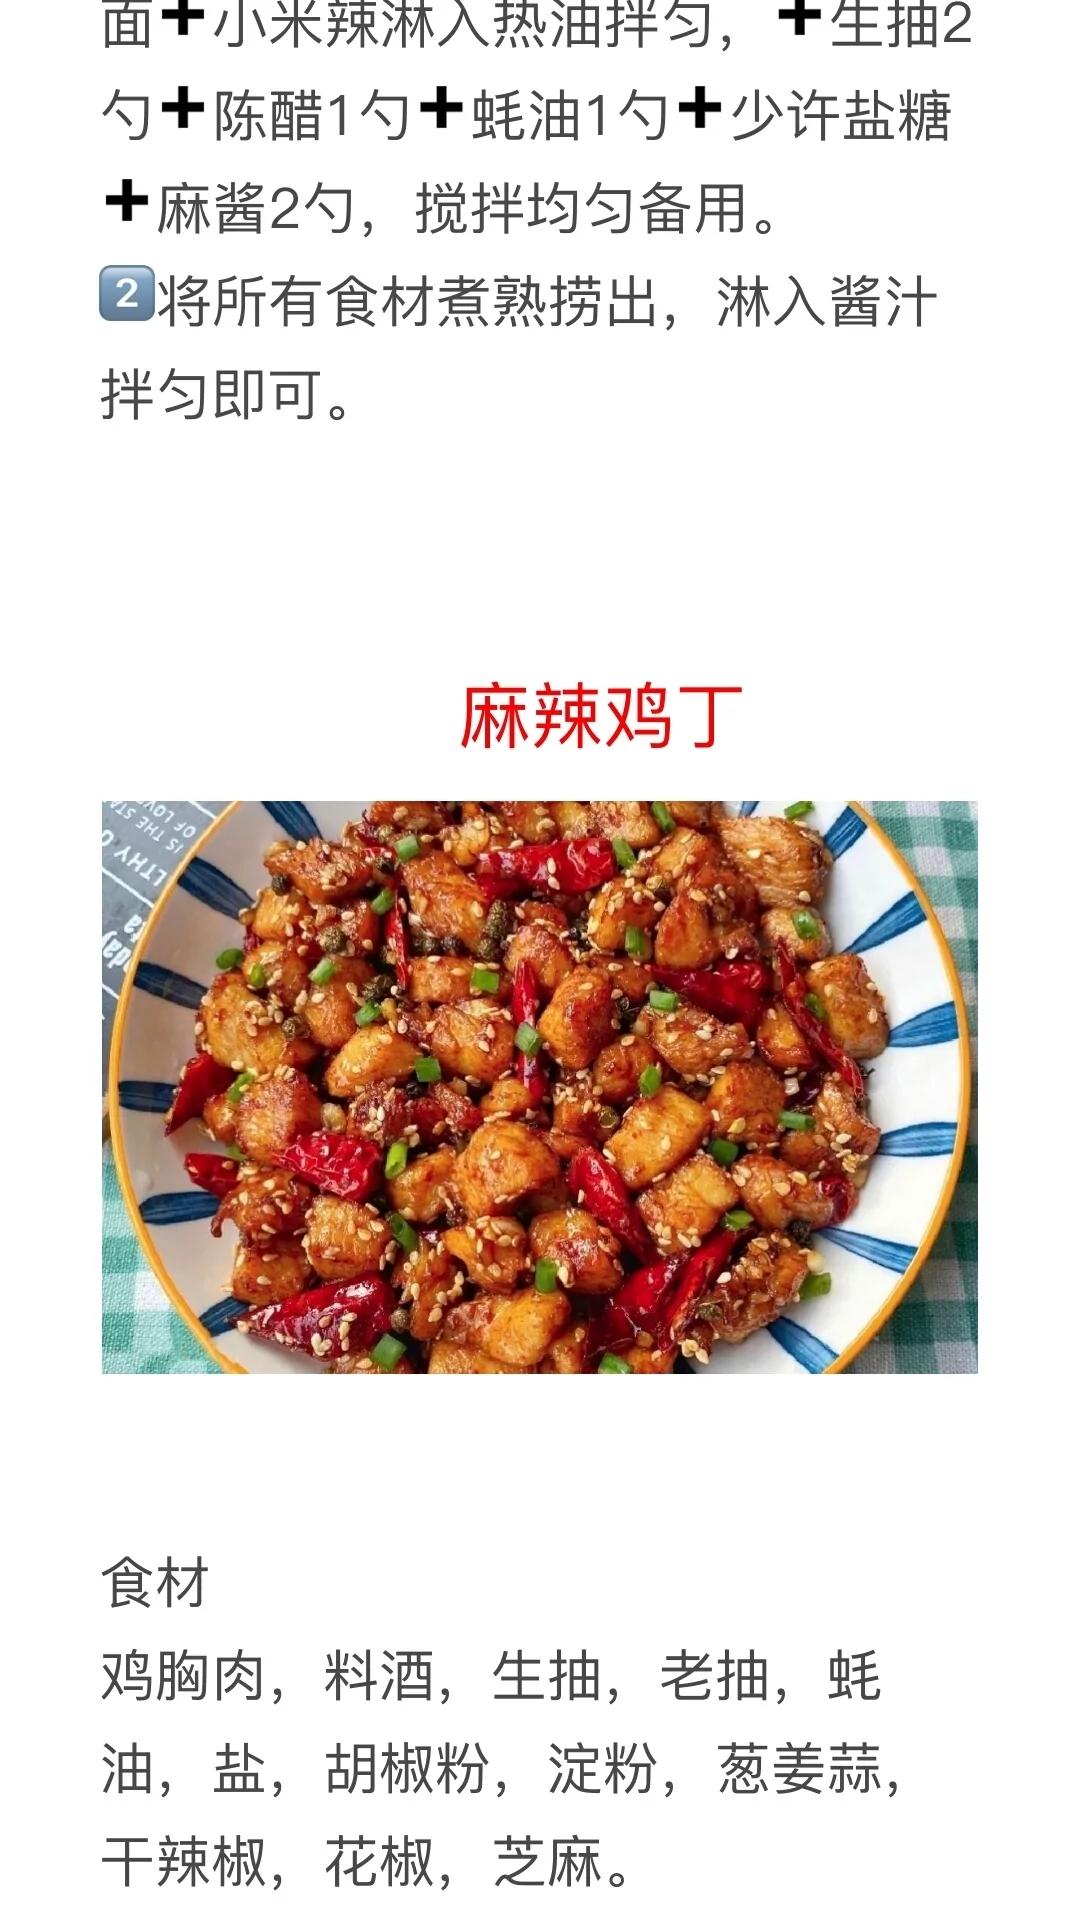 麻辣口味菜做法及配料 美食做法 第4张